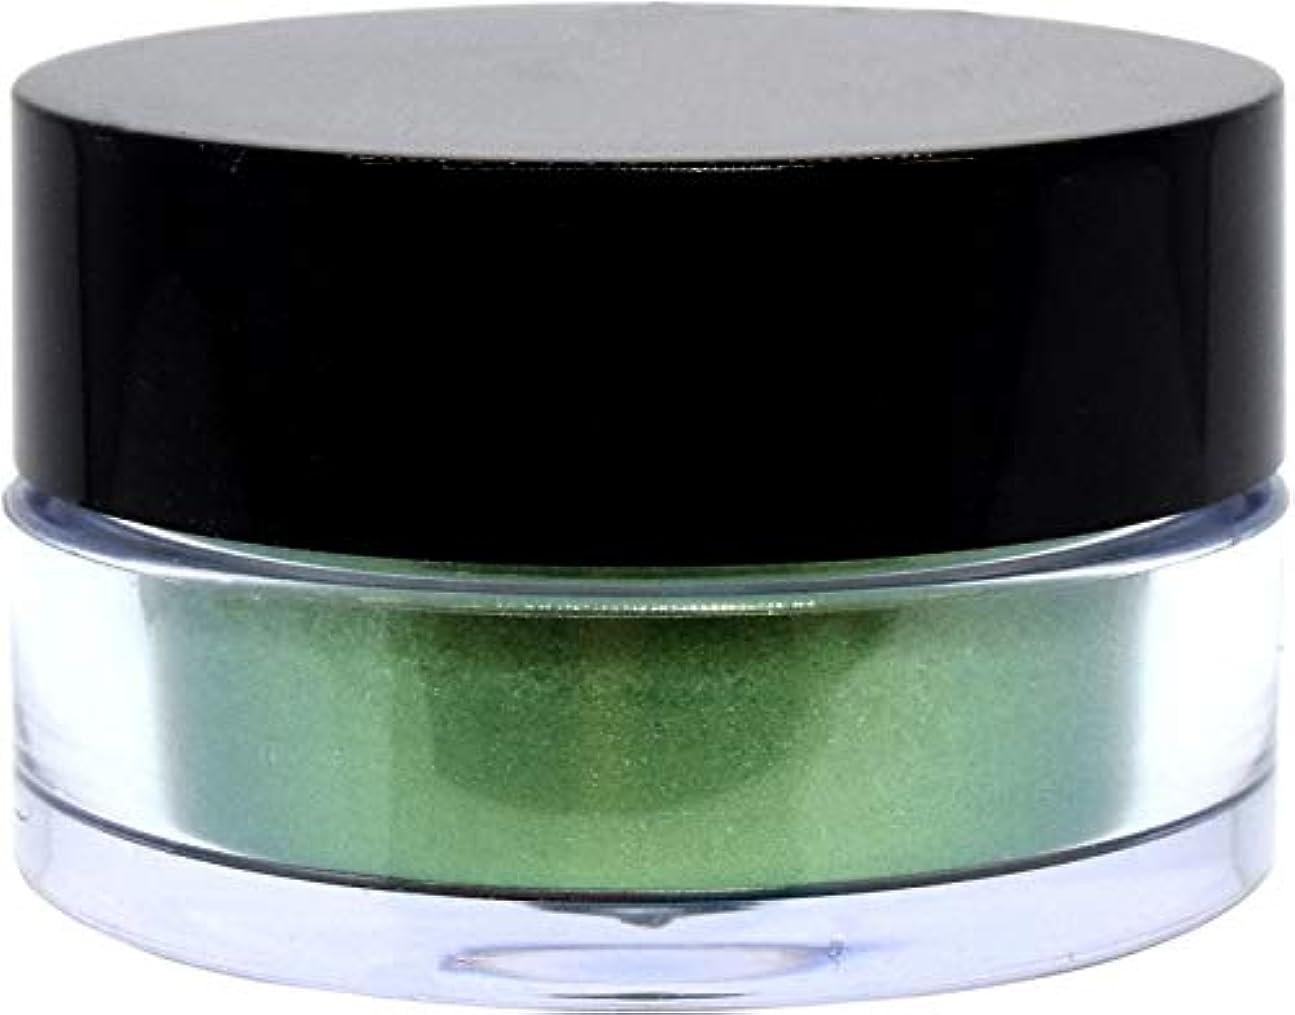 リボン確認スタイル三善 プチカラー 高発色 アイシャドウ パール col:11 グリーン系